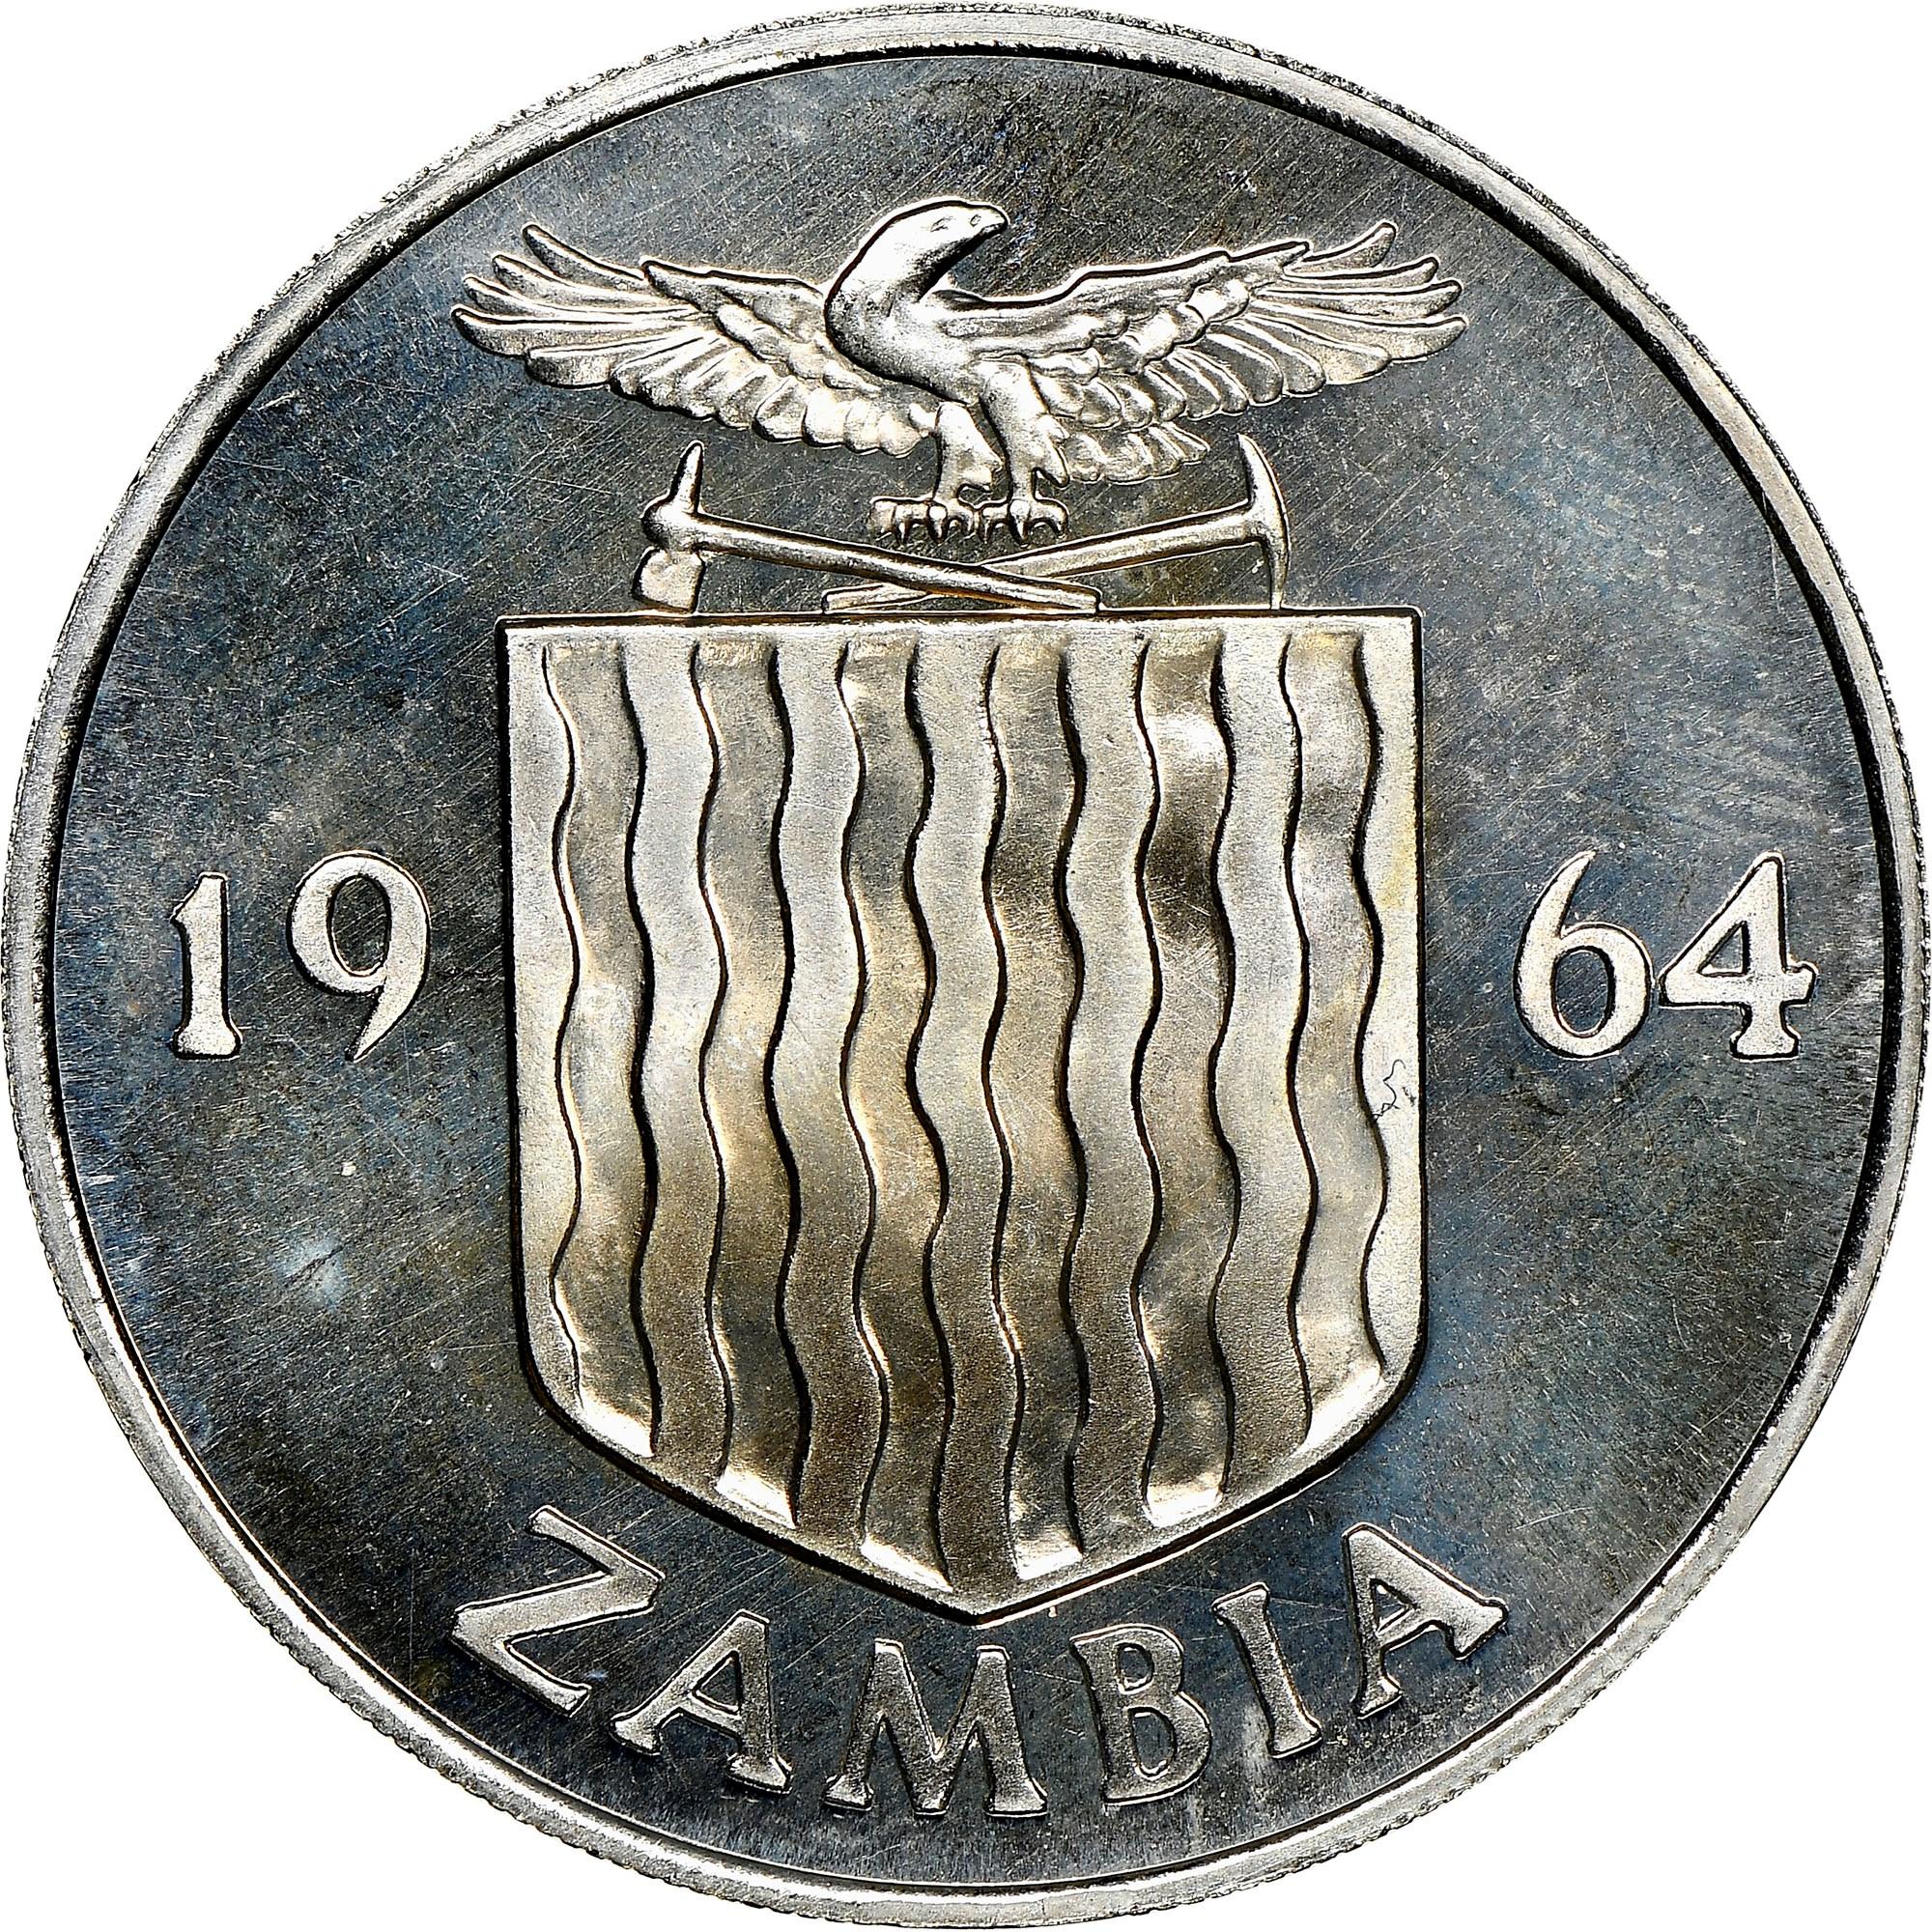 Zambia 2 Shillings obverse